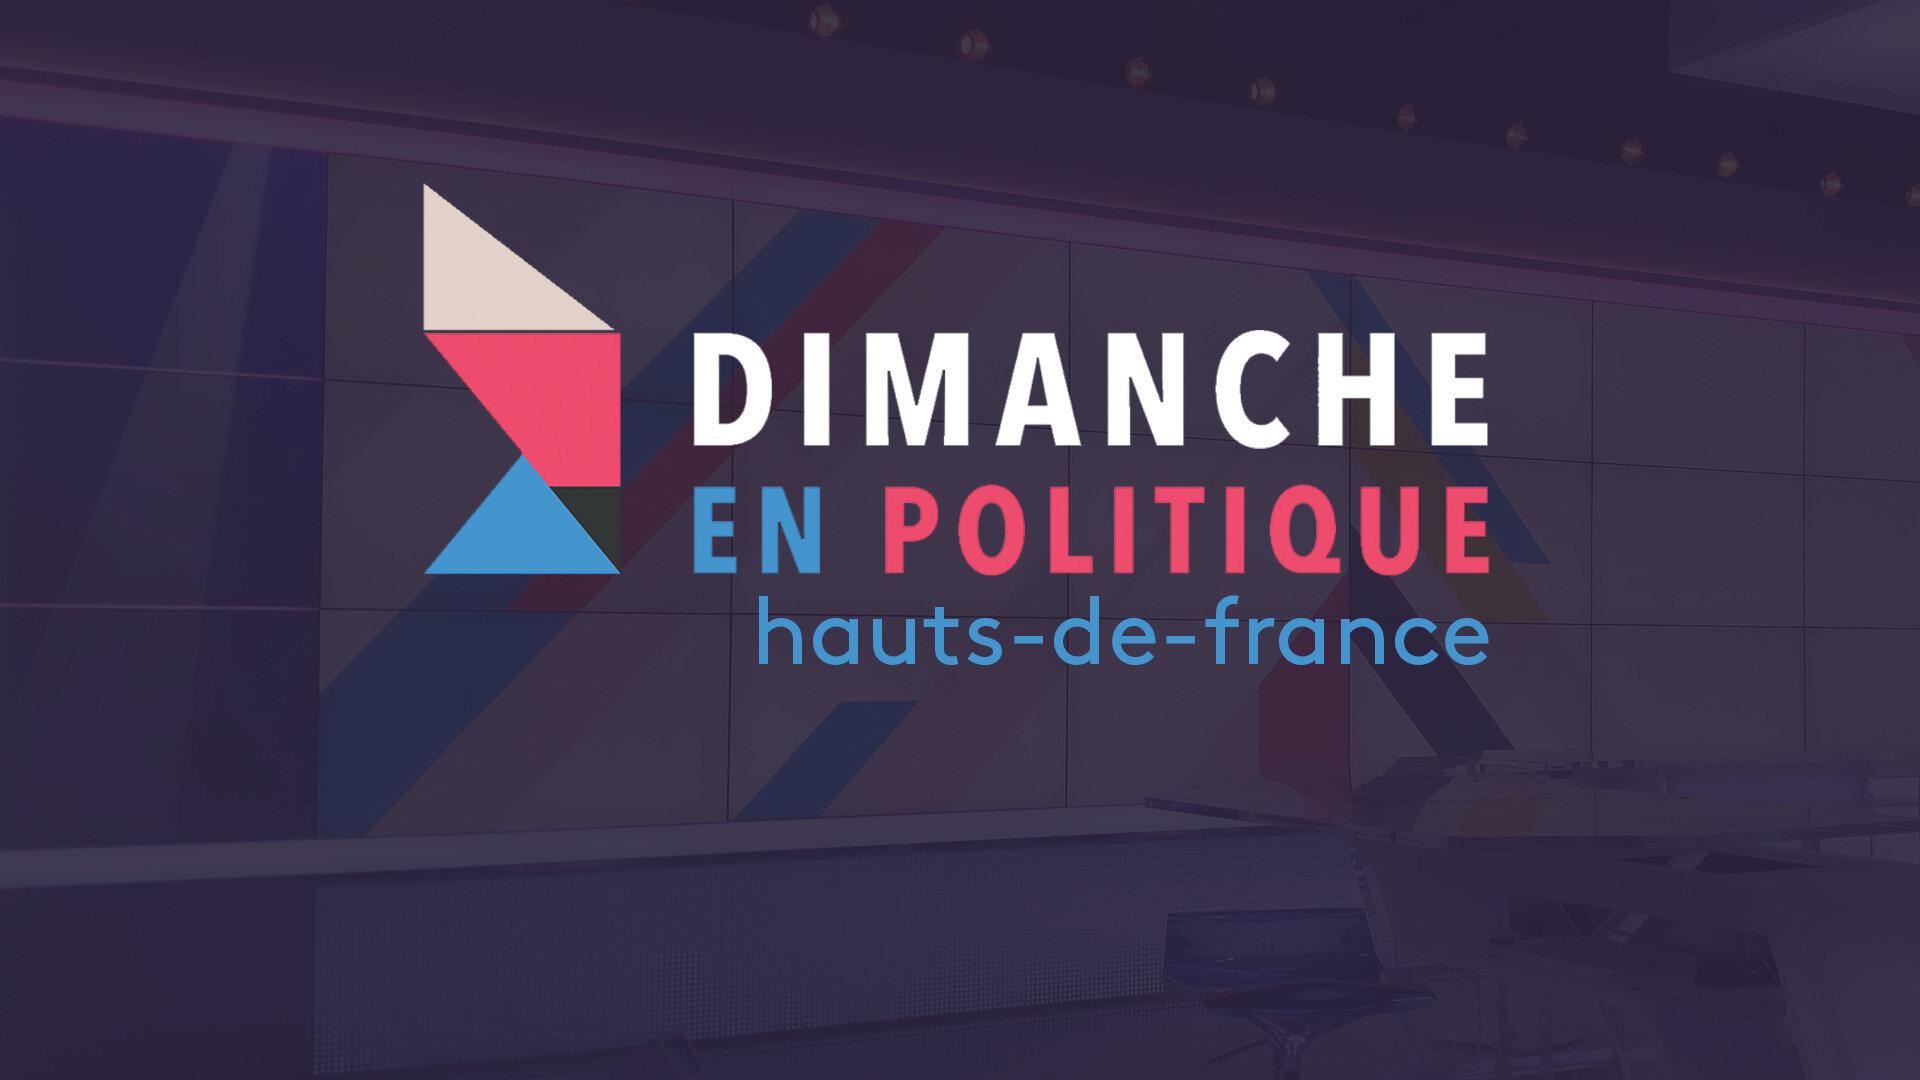 Dimanche en politique - Hauts-de-France : La crise sanitaire